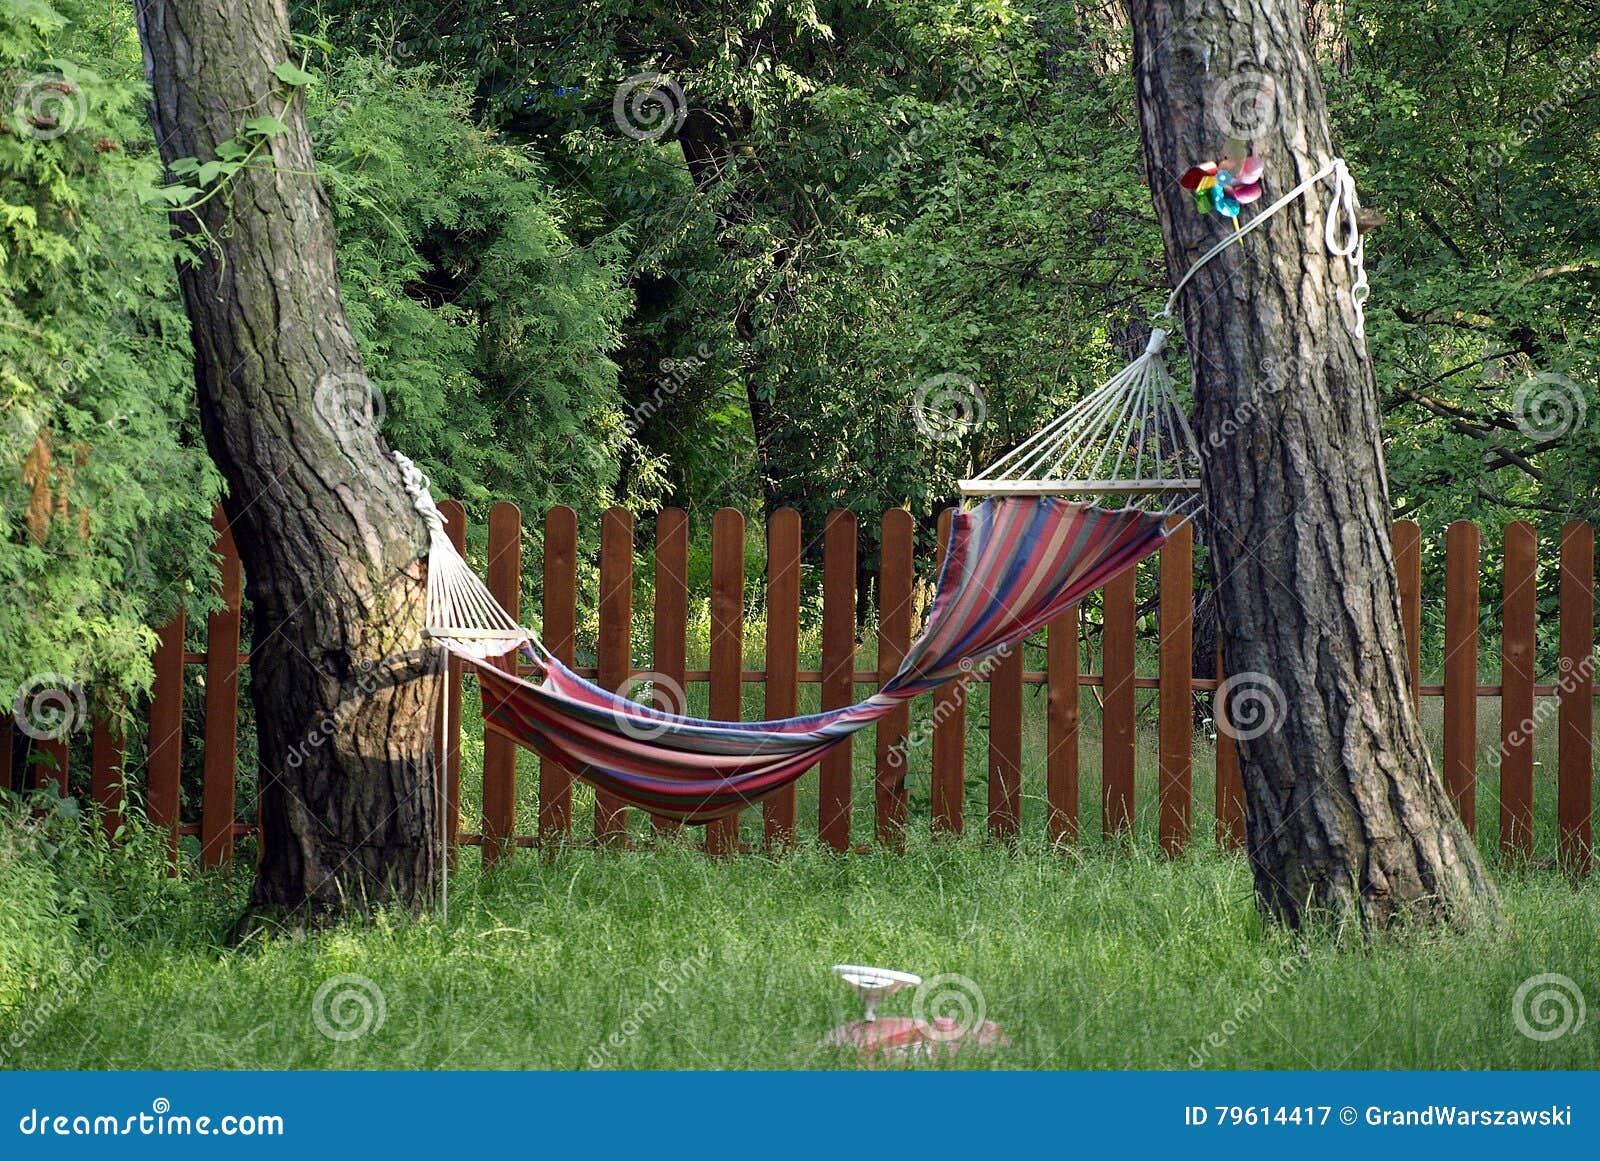 Paisagem bonita do verão com árvores e grama verde